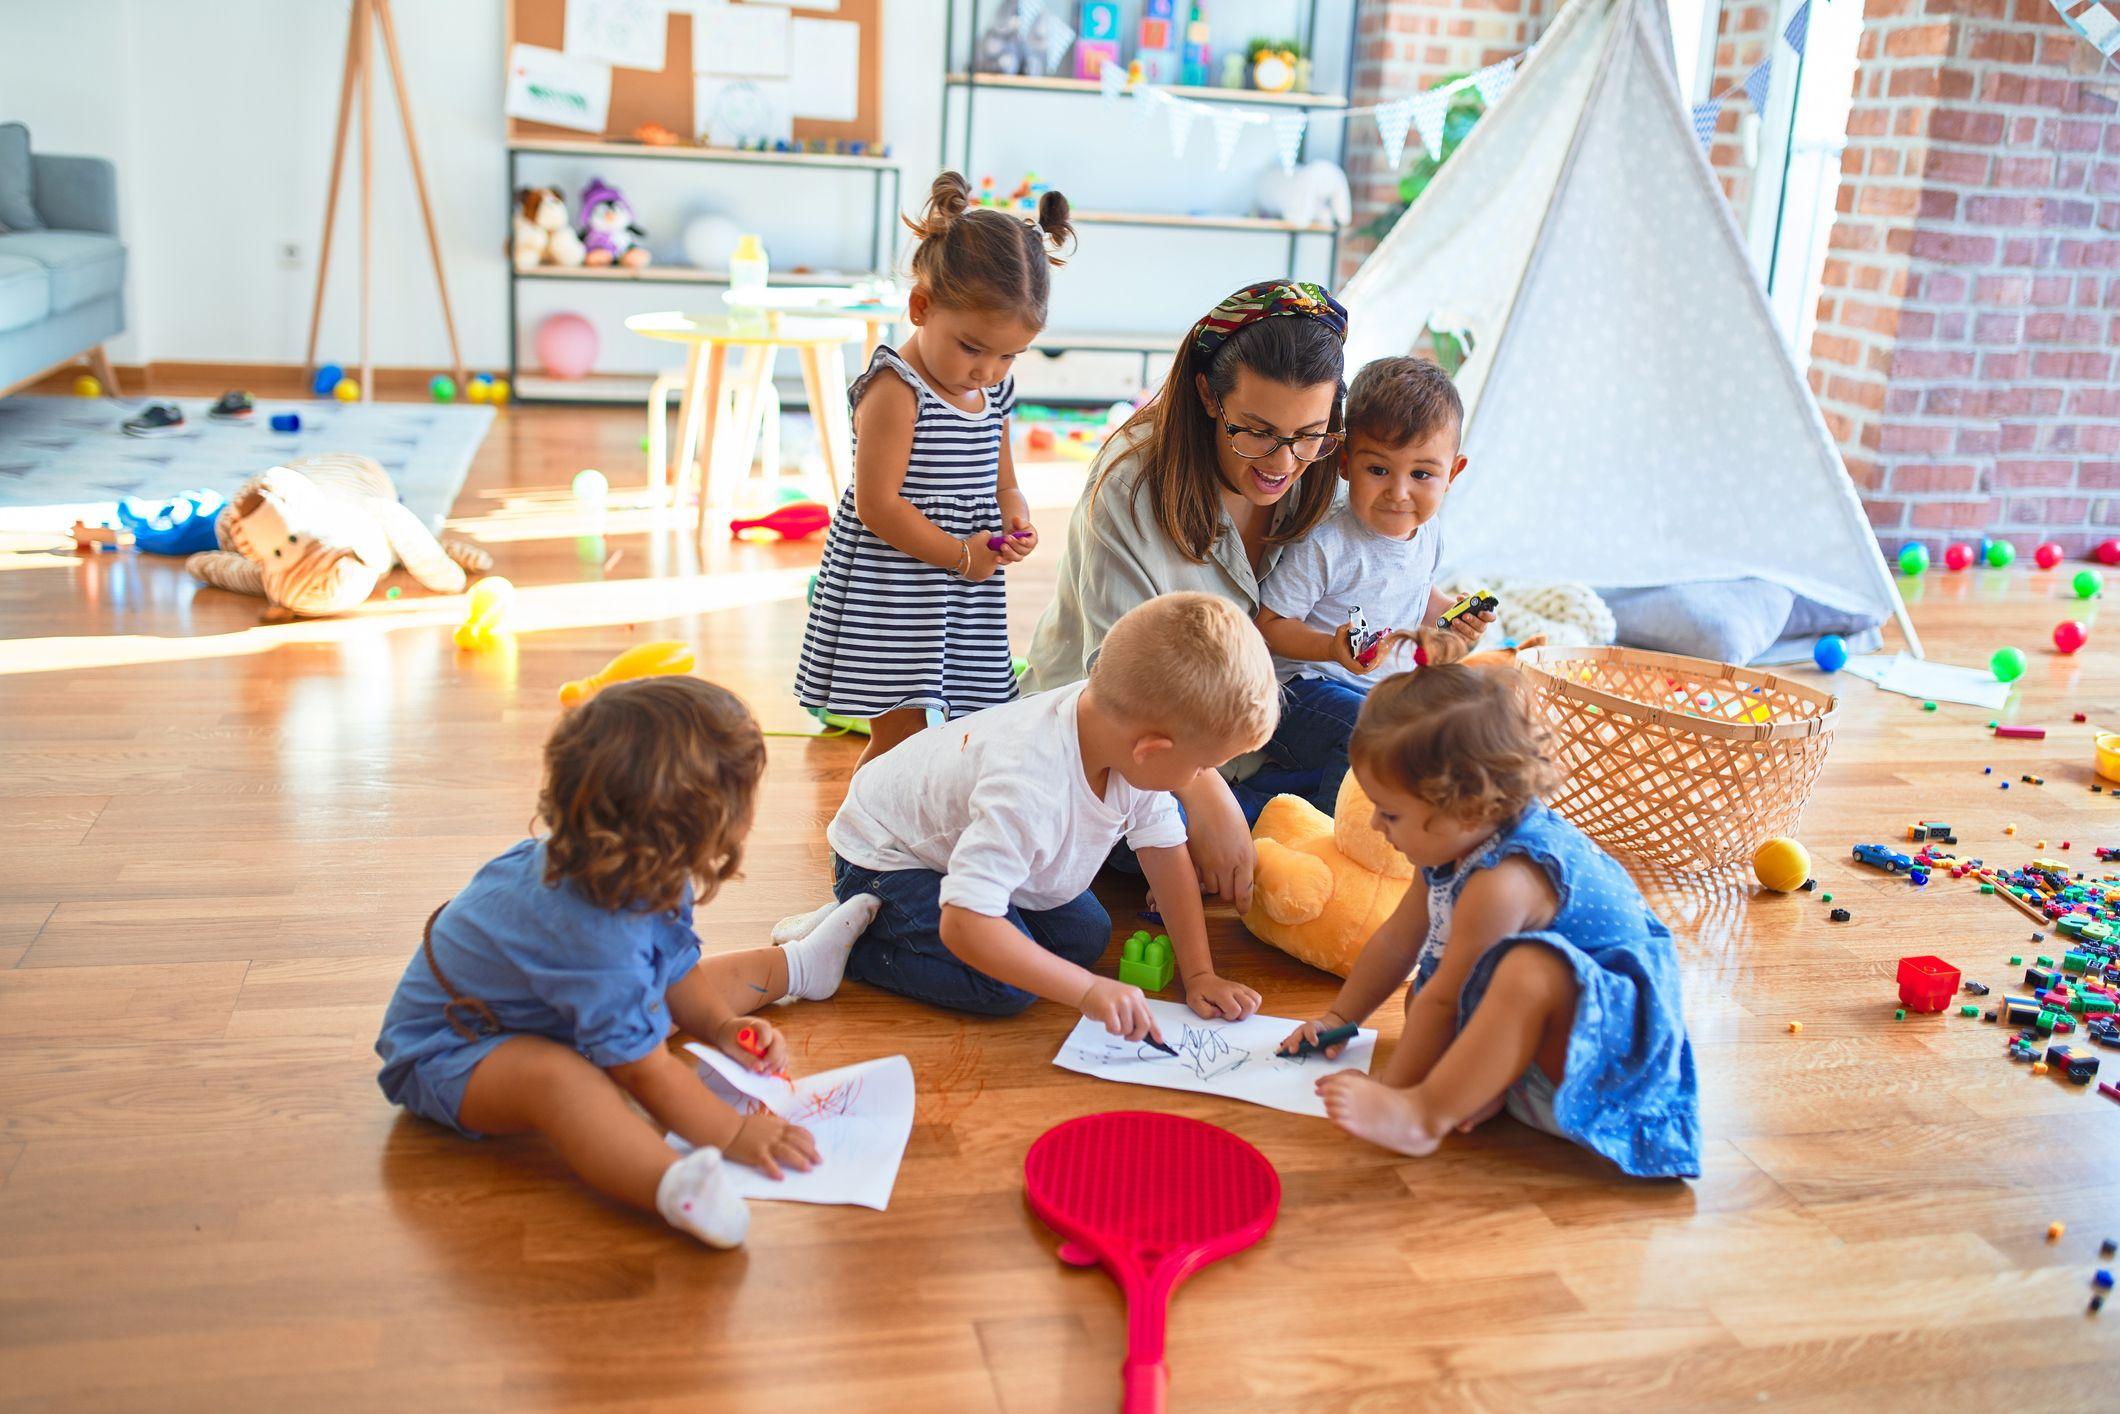 La importancia de aprender jugando durante la infancia